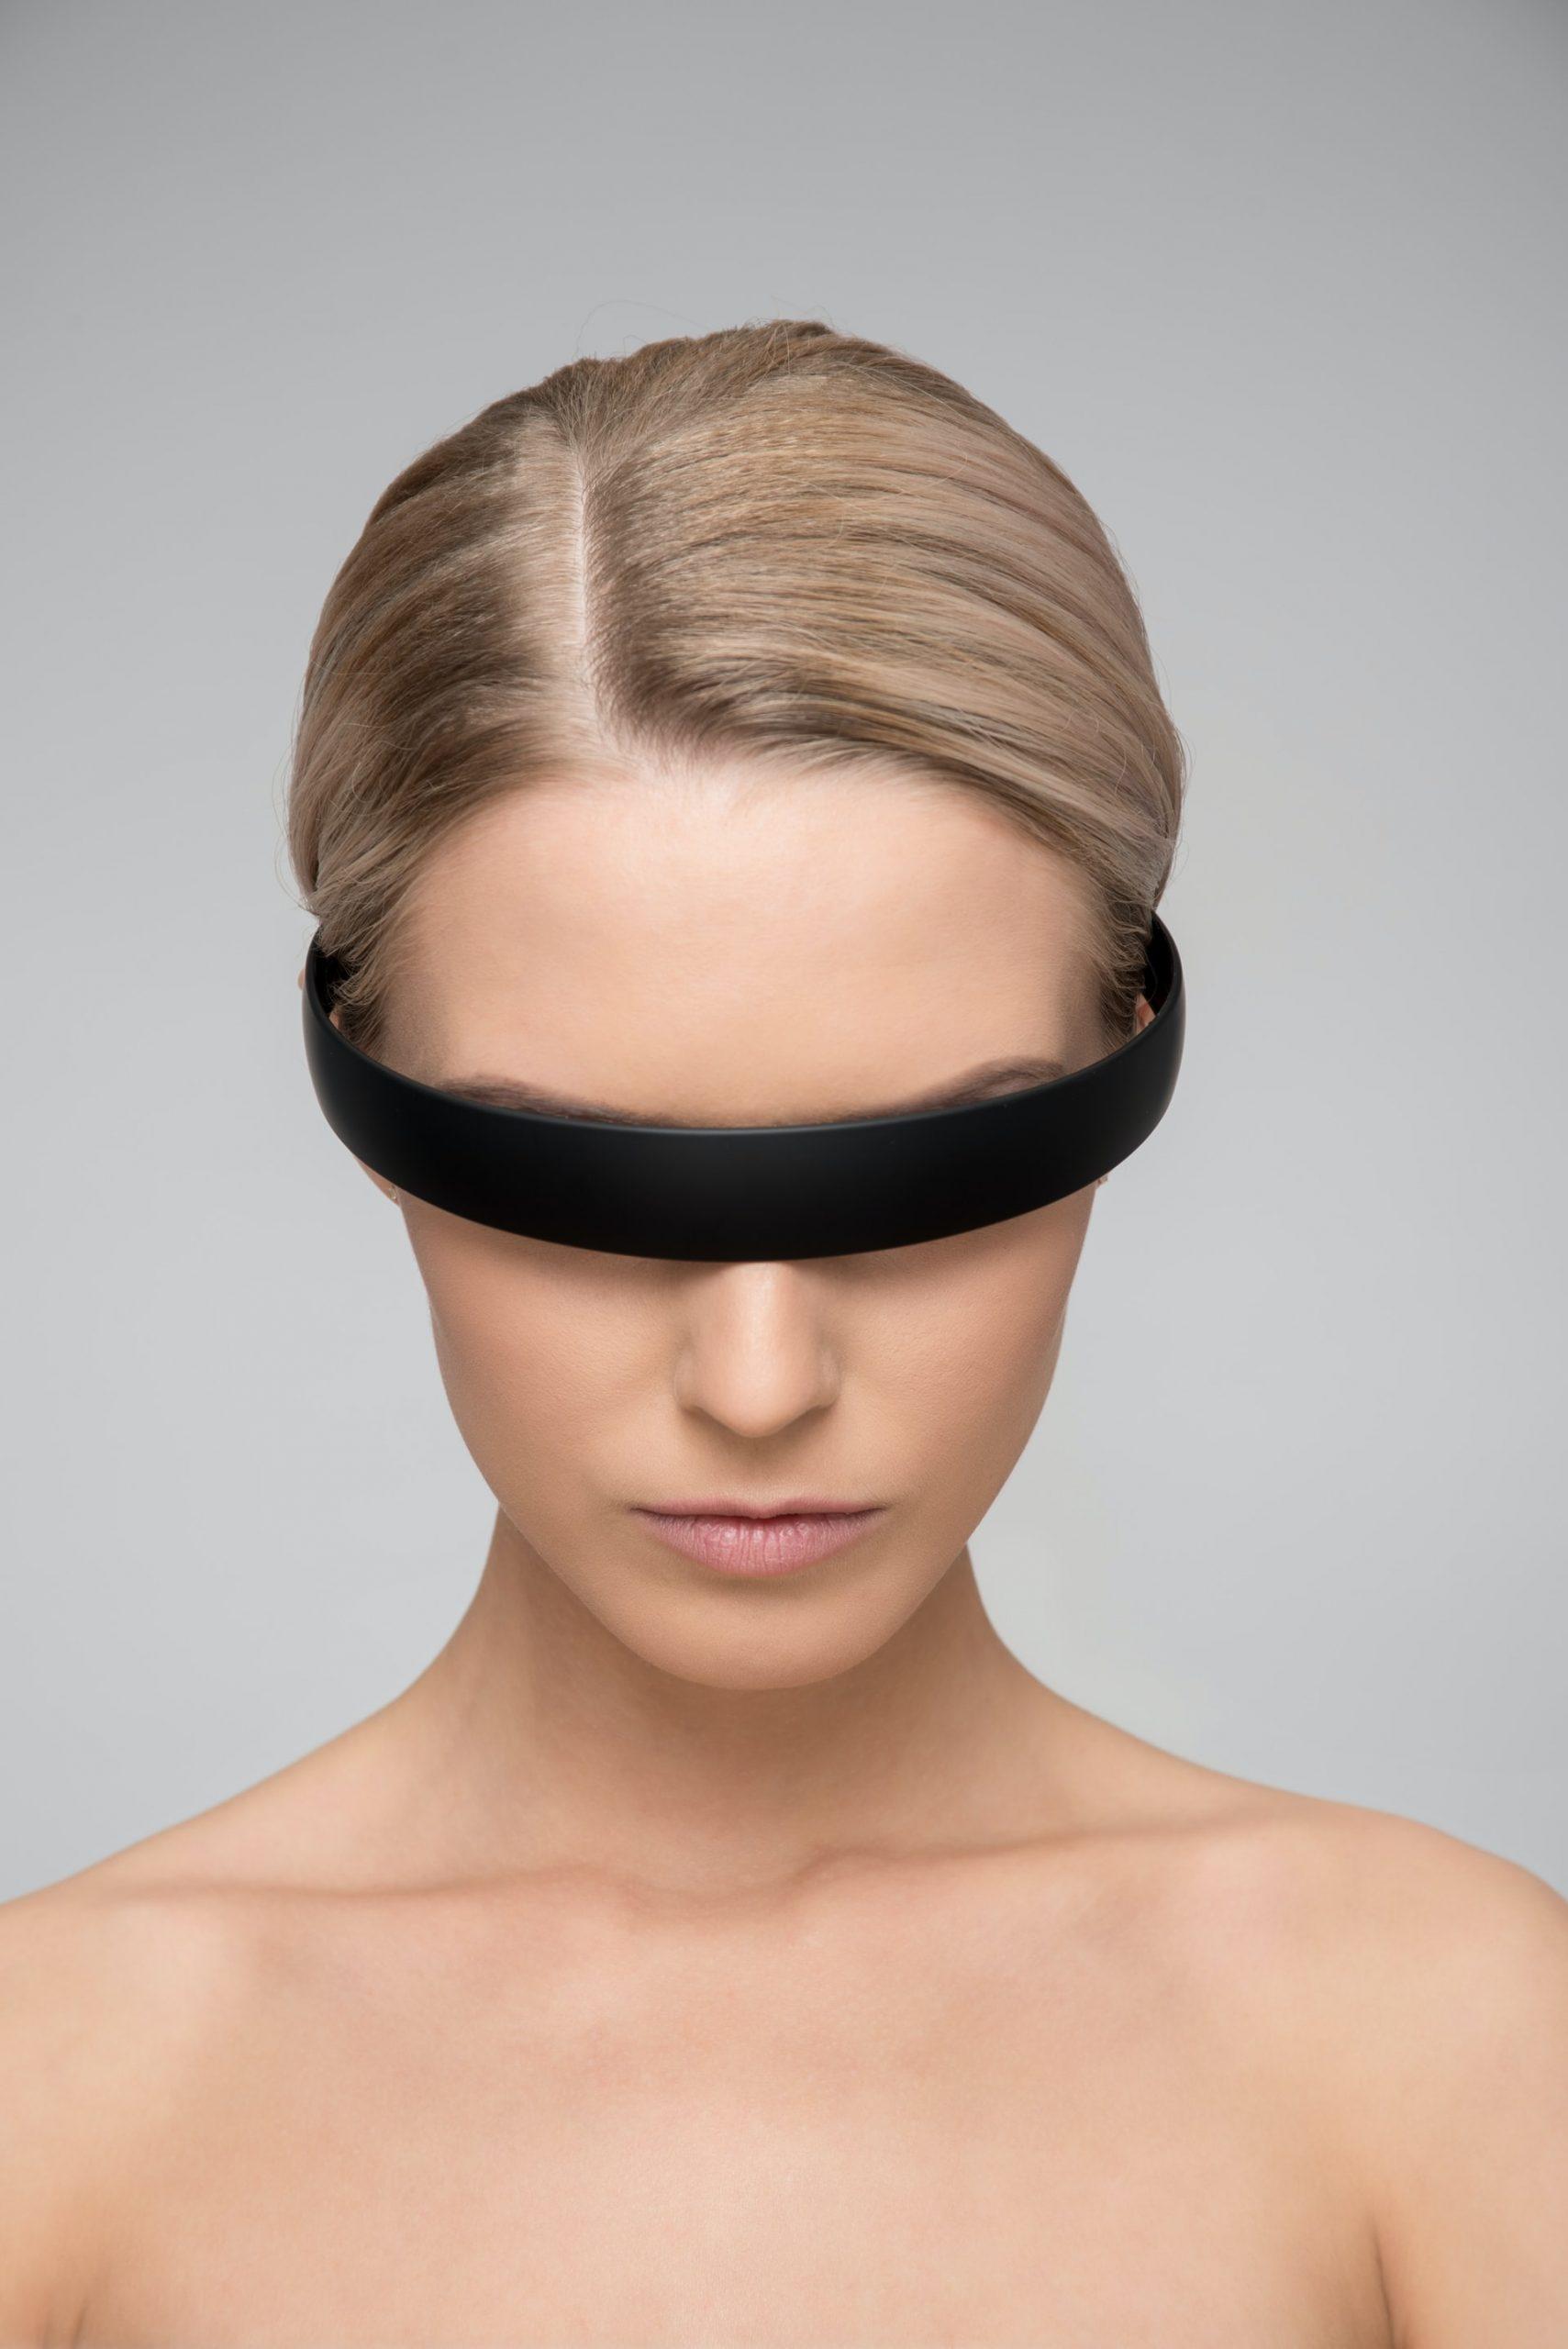 rapariga loira com os olhos vedados